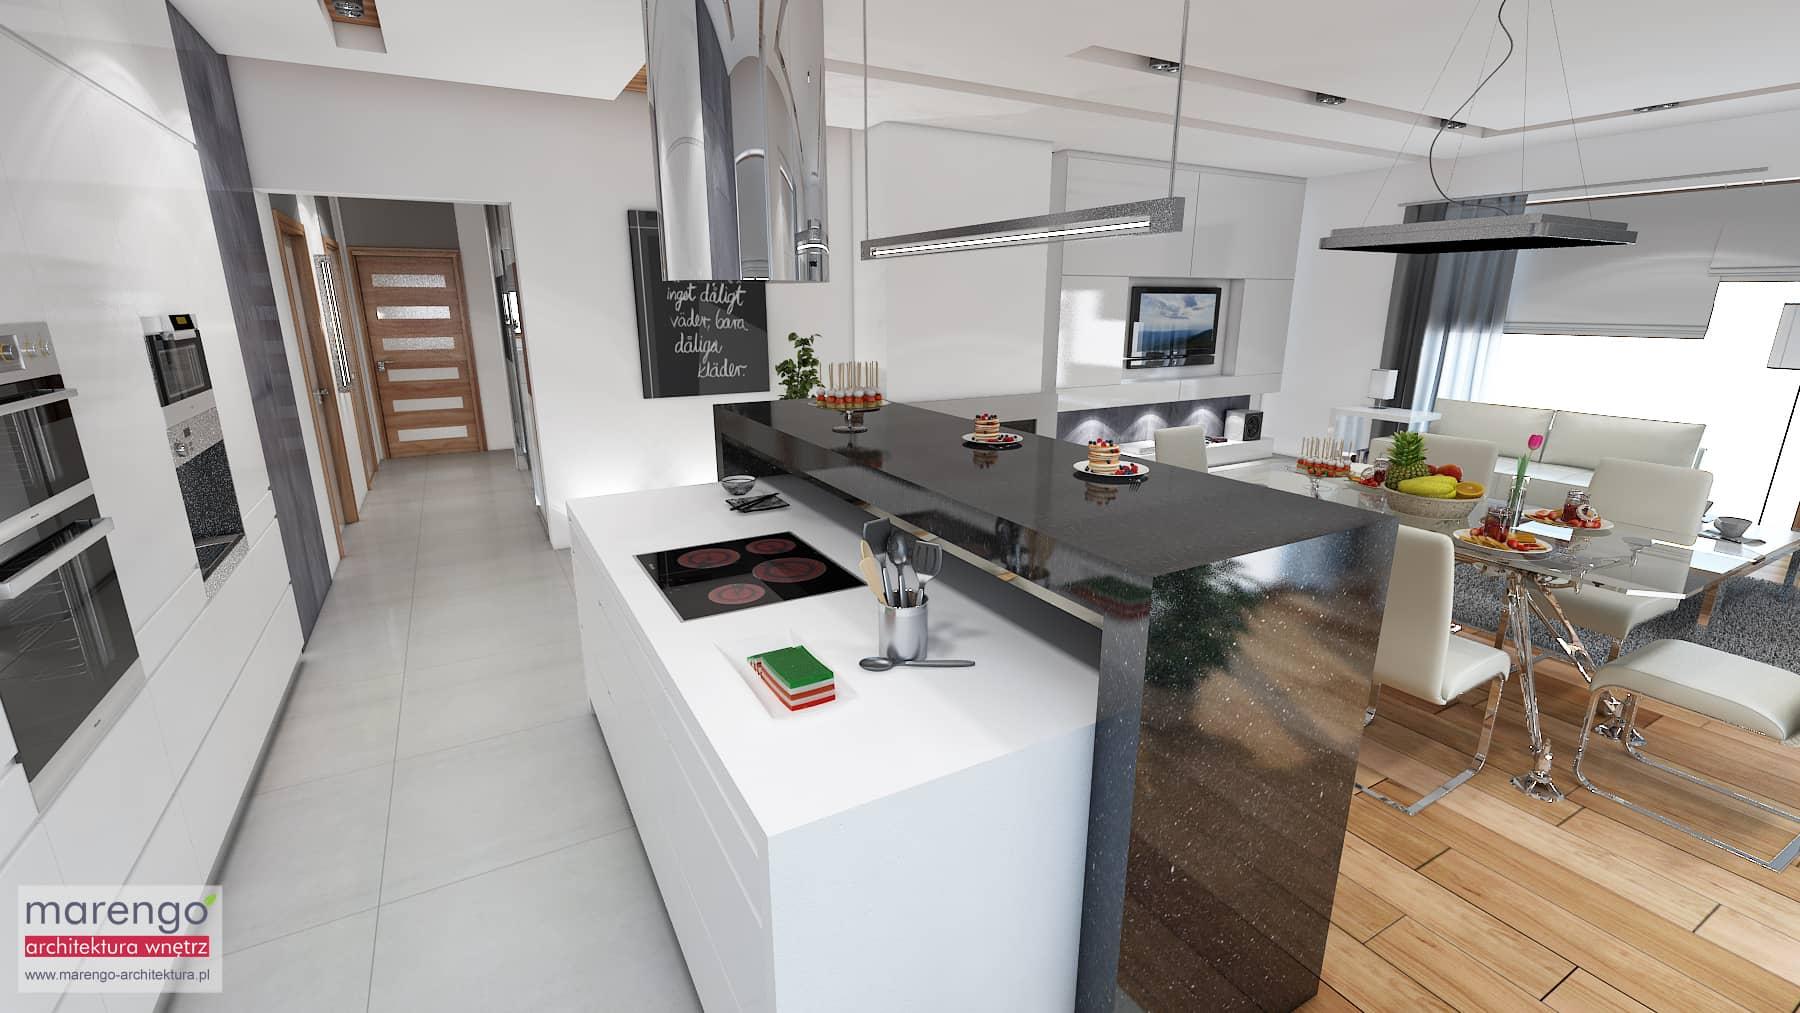 Sprzęty AGD w kuchni CZ 1 projektowanie wnętrz Kraków -> Nowoczesna Kuchnia Najnowsze Trendy W Projektowaniu